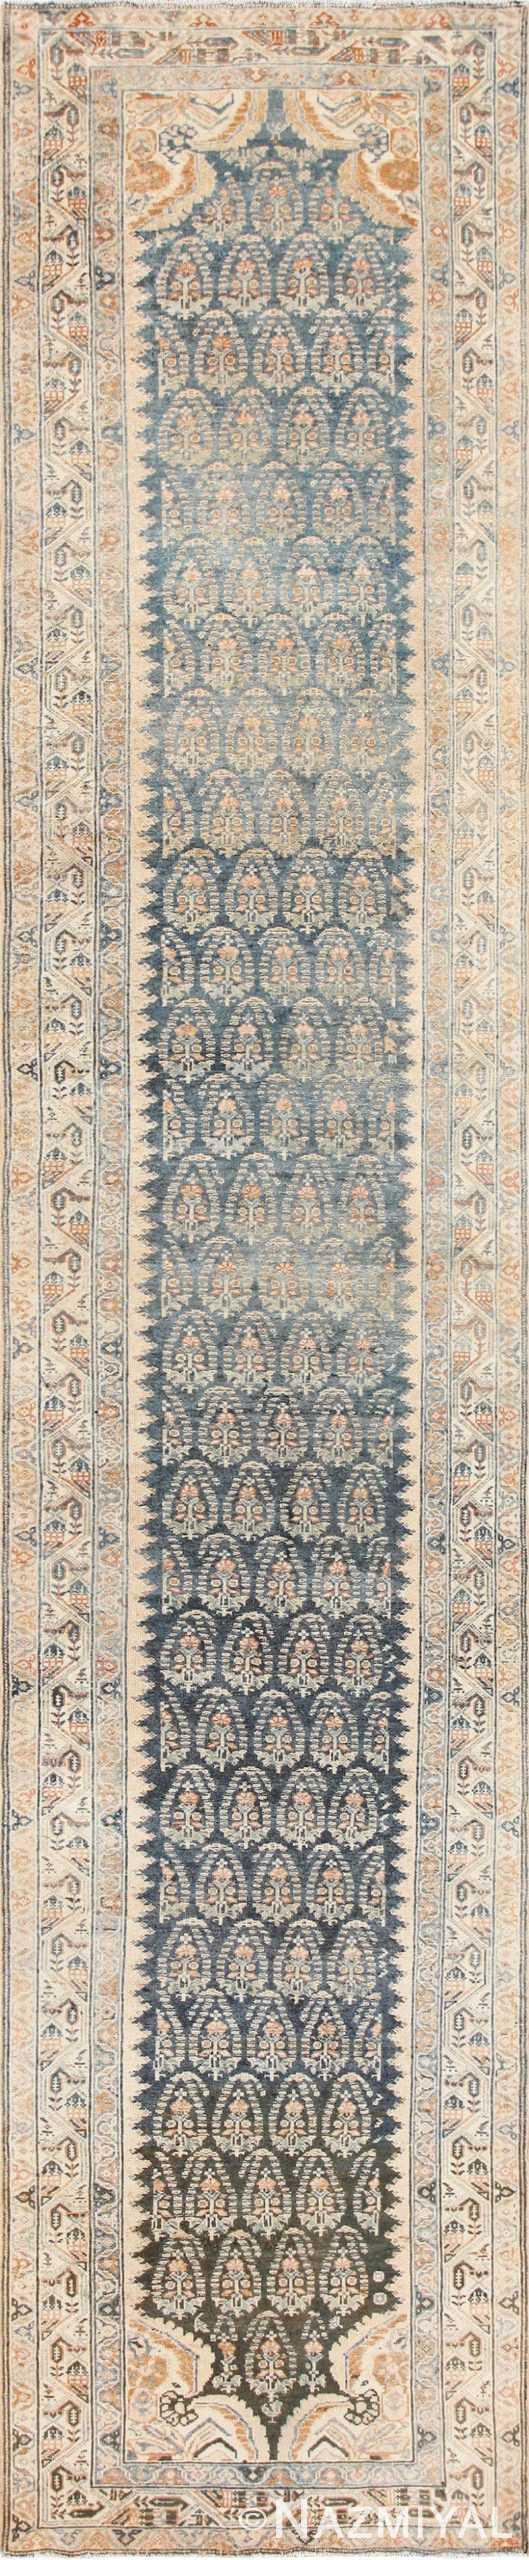 Antique Paisley Design Persian Malayer Runner Rug 48824 Nazmiyal